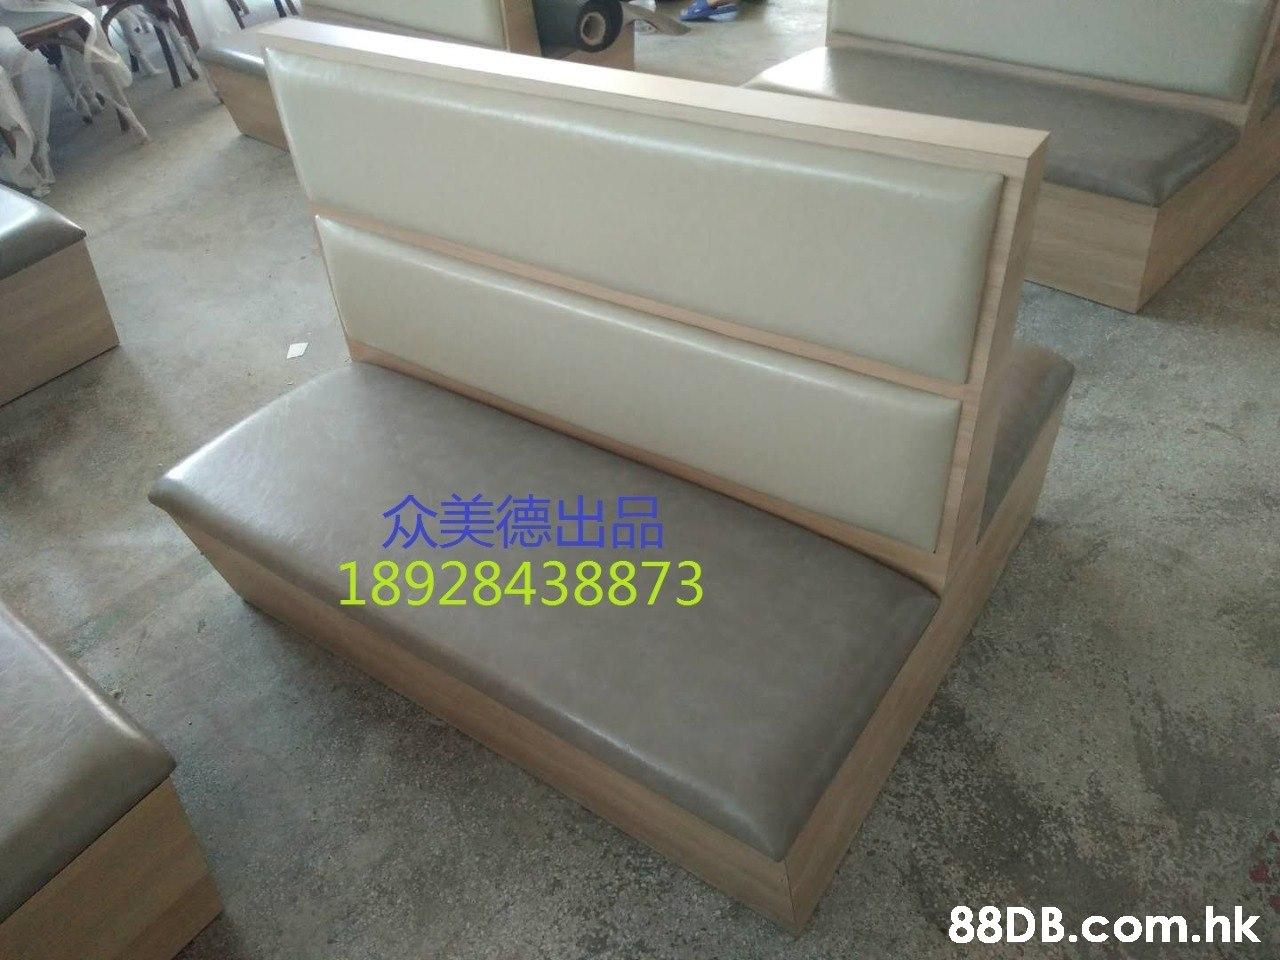 众美德出品 18928438873 .hk  Furniture,Marble,Floor,Rectangle,Table